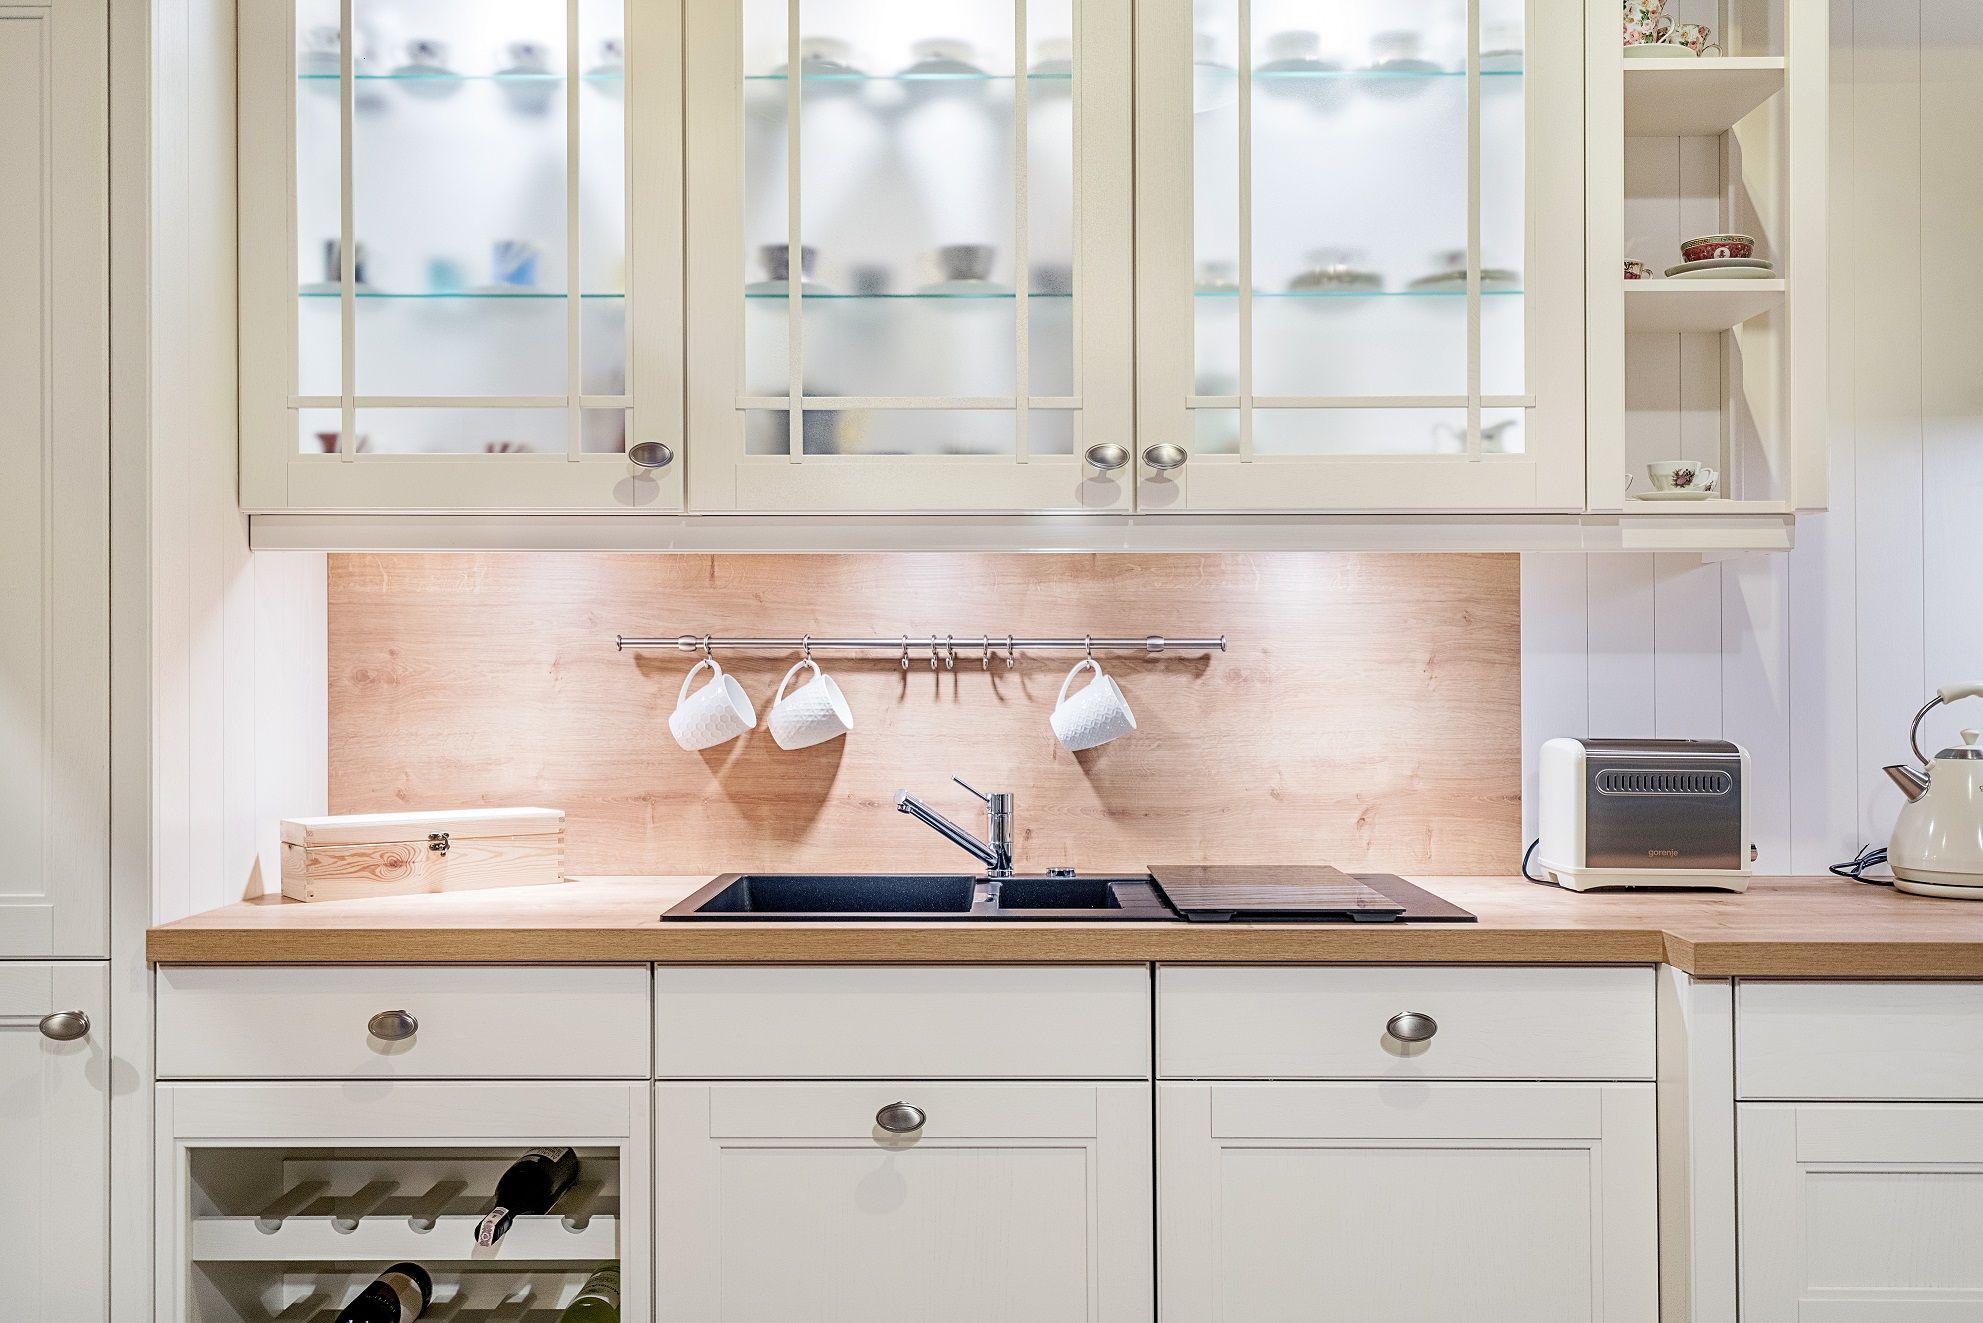 Biala Kuchnia Z Miejscem Na Wino Podswietlonymi Przeszklonymi Szafkami Gornymi I Ozdobnymi Pilastrami Doskonale Wpisze Kitchen Cabinets Interior Design Decor